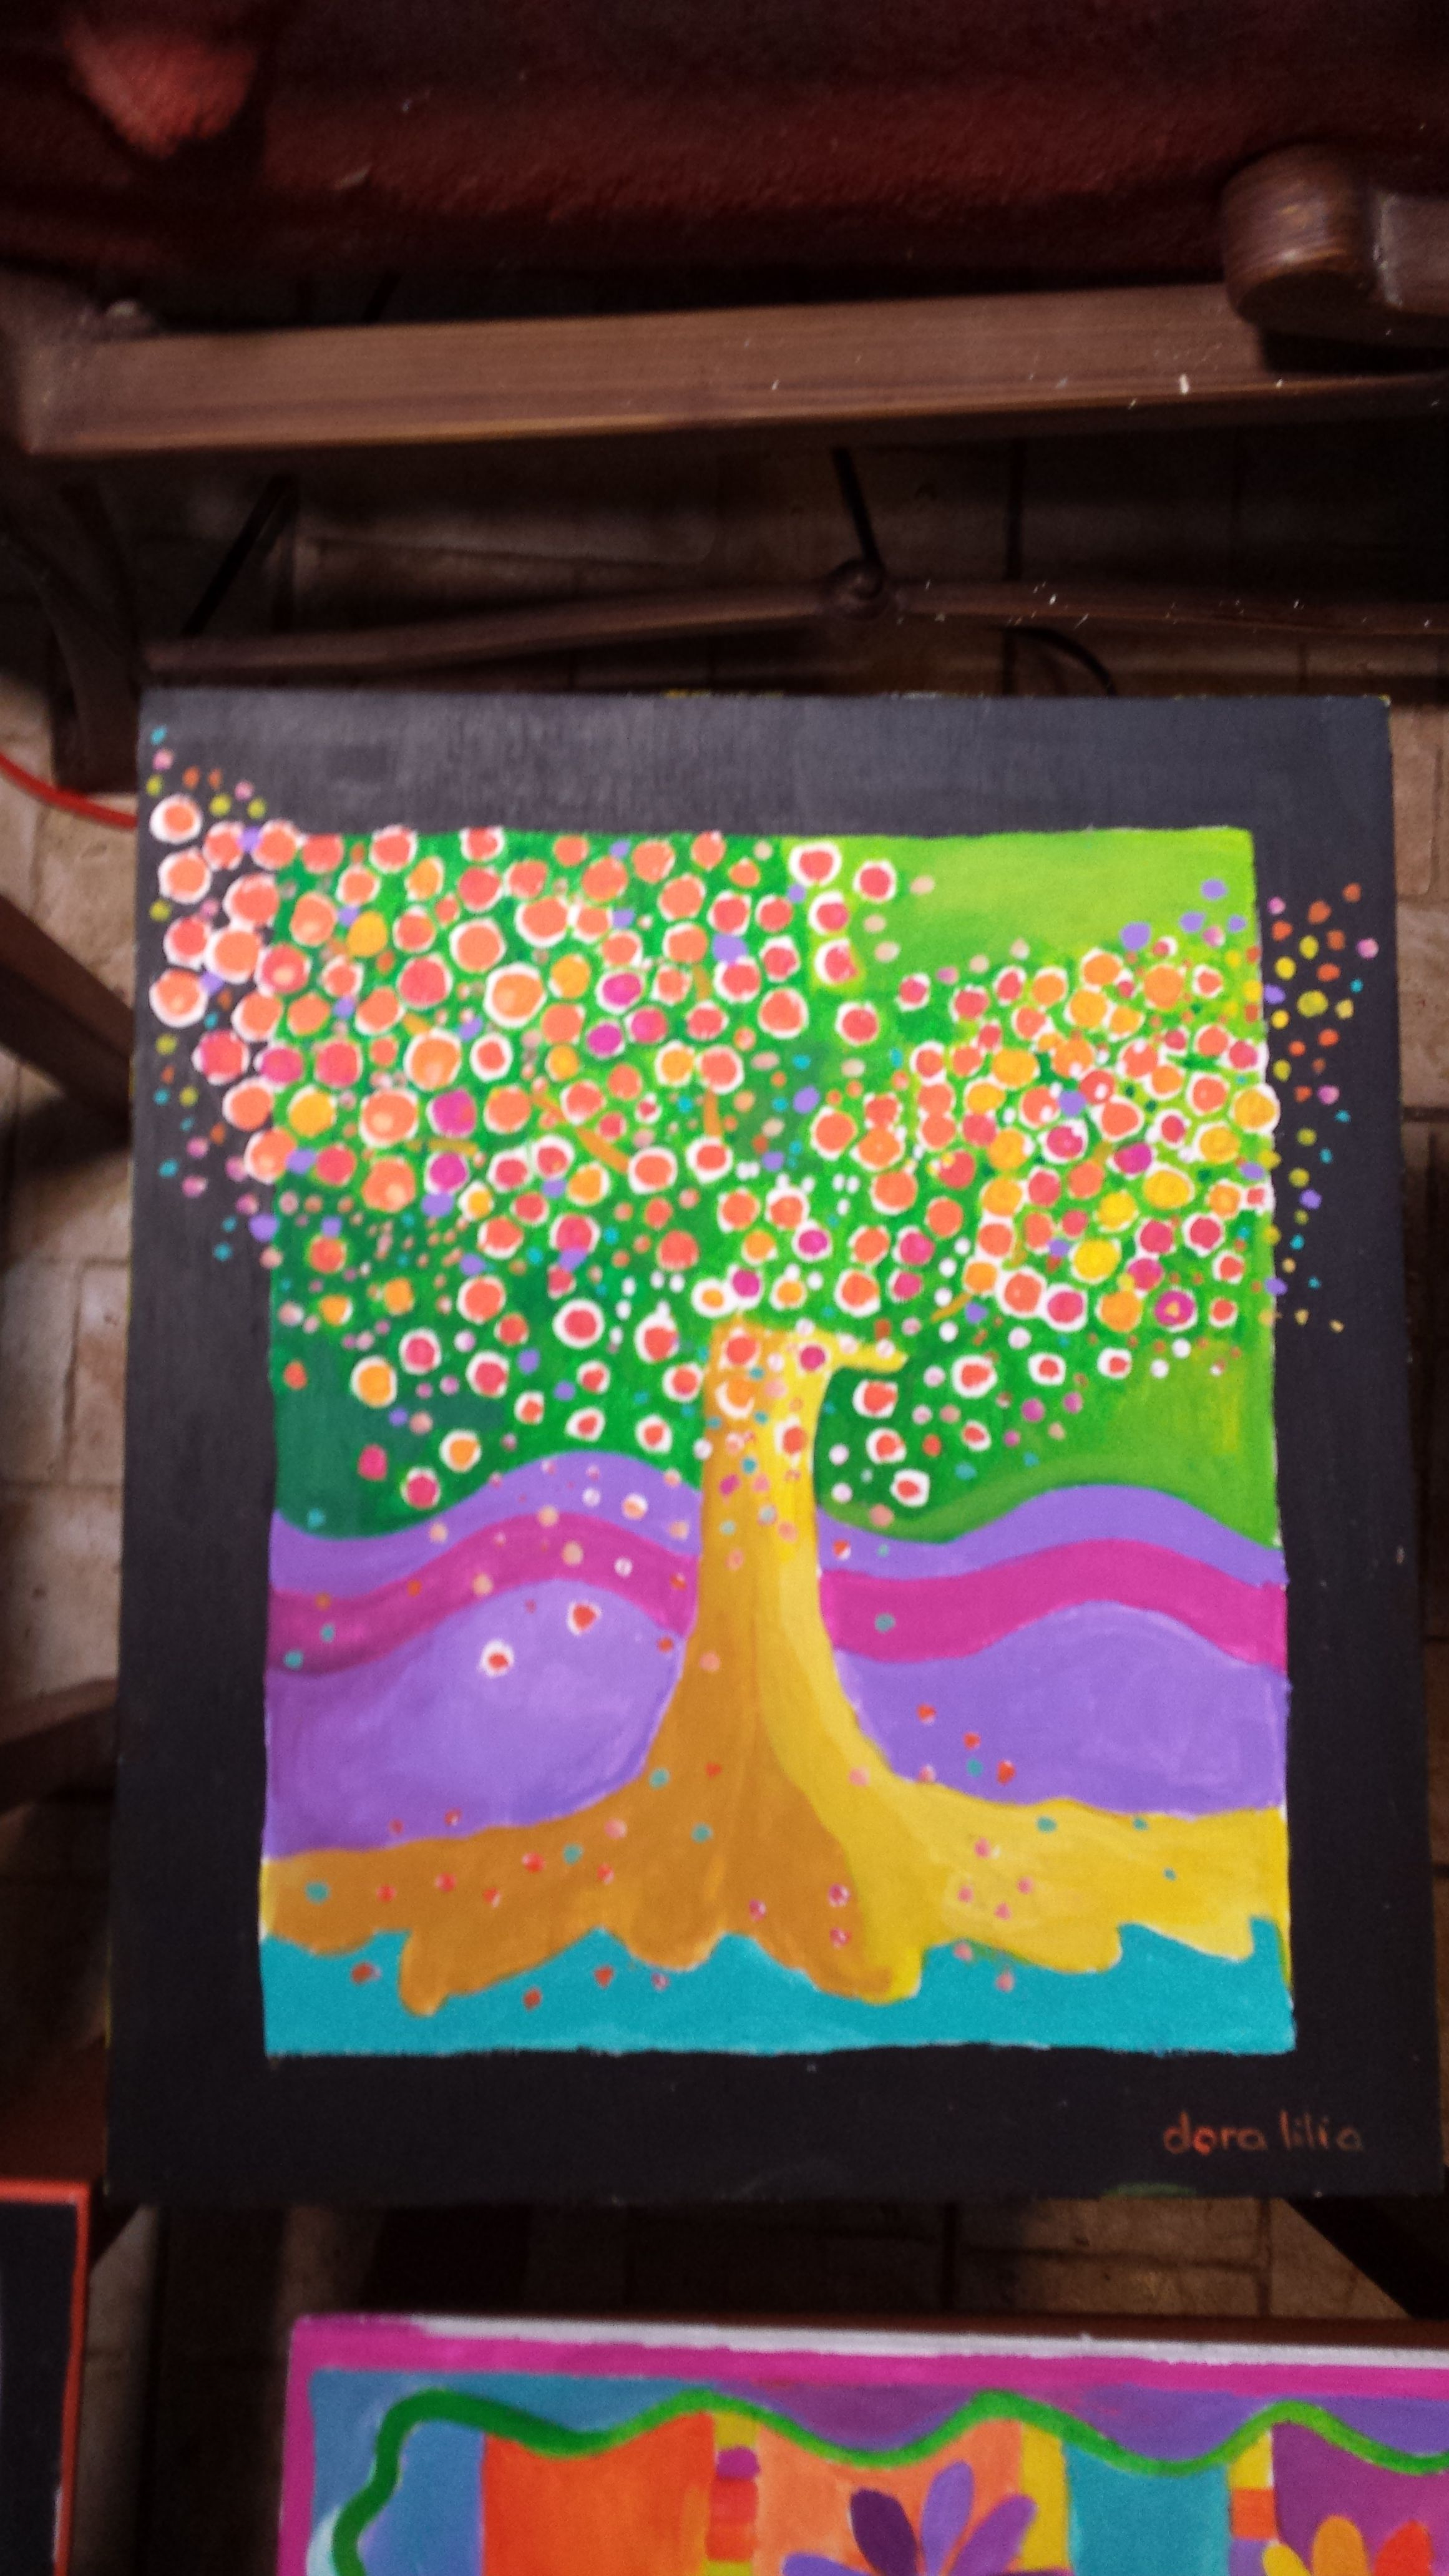 y pinté otra mesa más